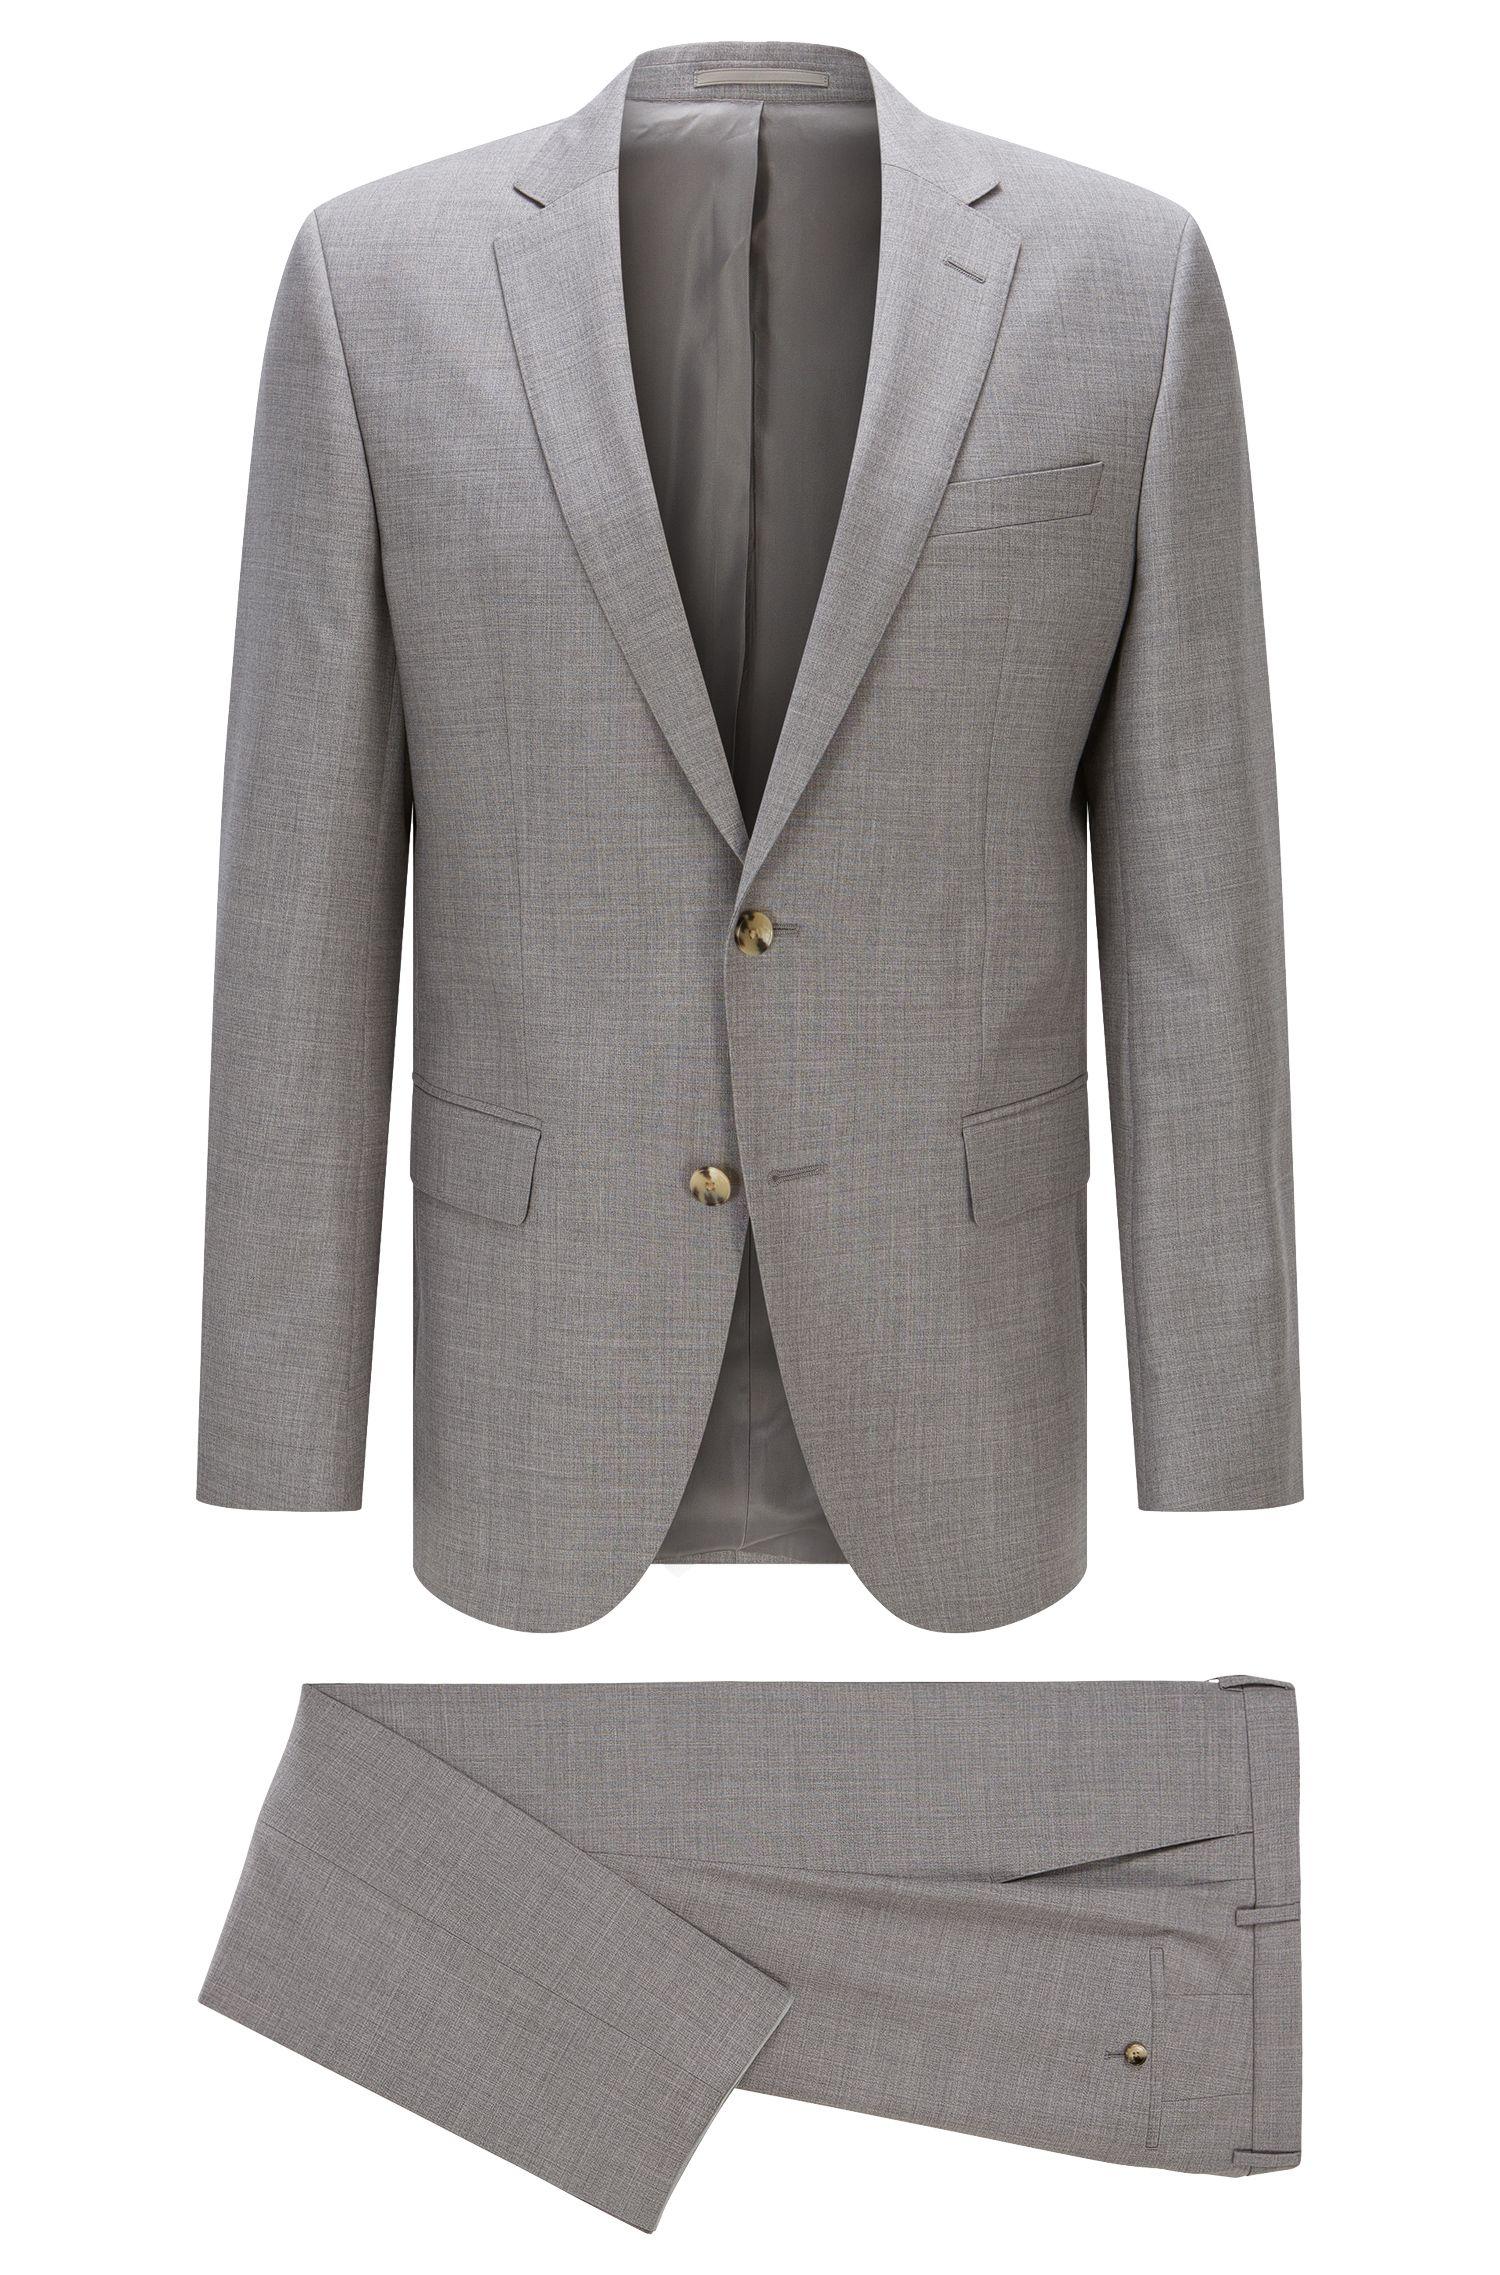 'Huge/Genius' | Slim Fit, Italian Super 110 Virgin Wool Suit